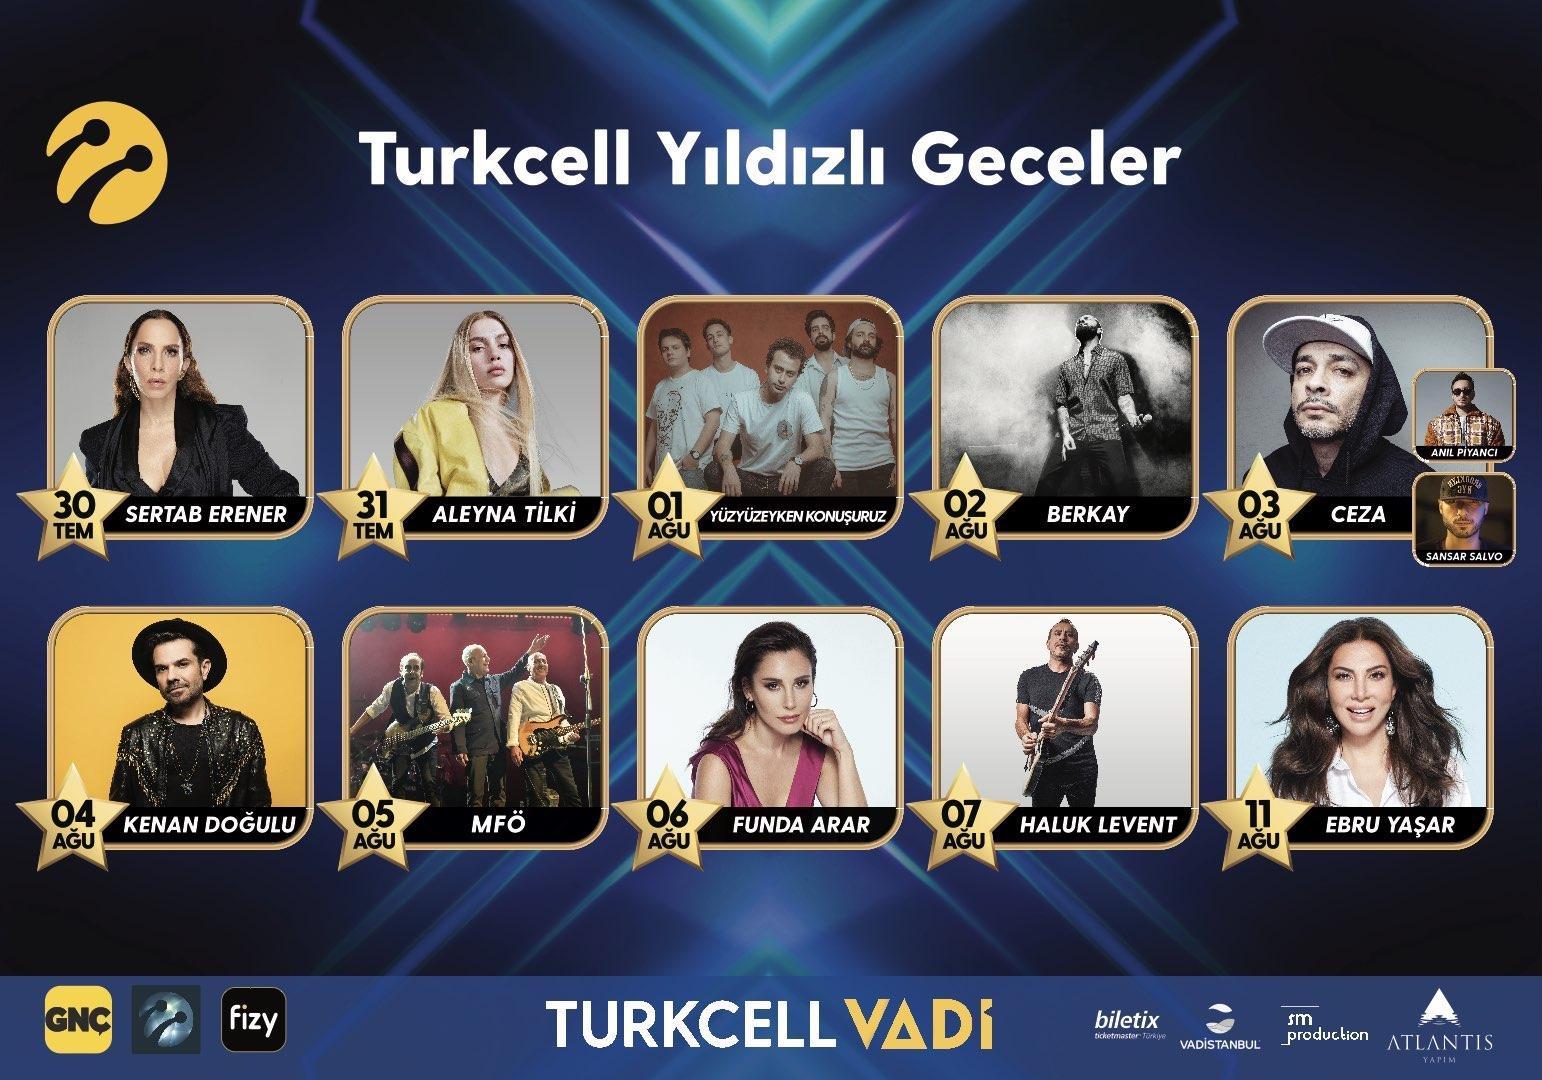 Turkcell'in efsane 'Yıldızlı Geceler' konserleri başlıyor